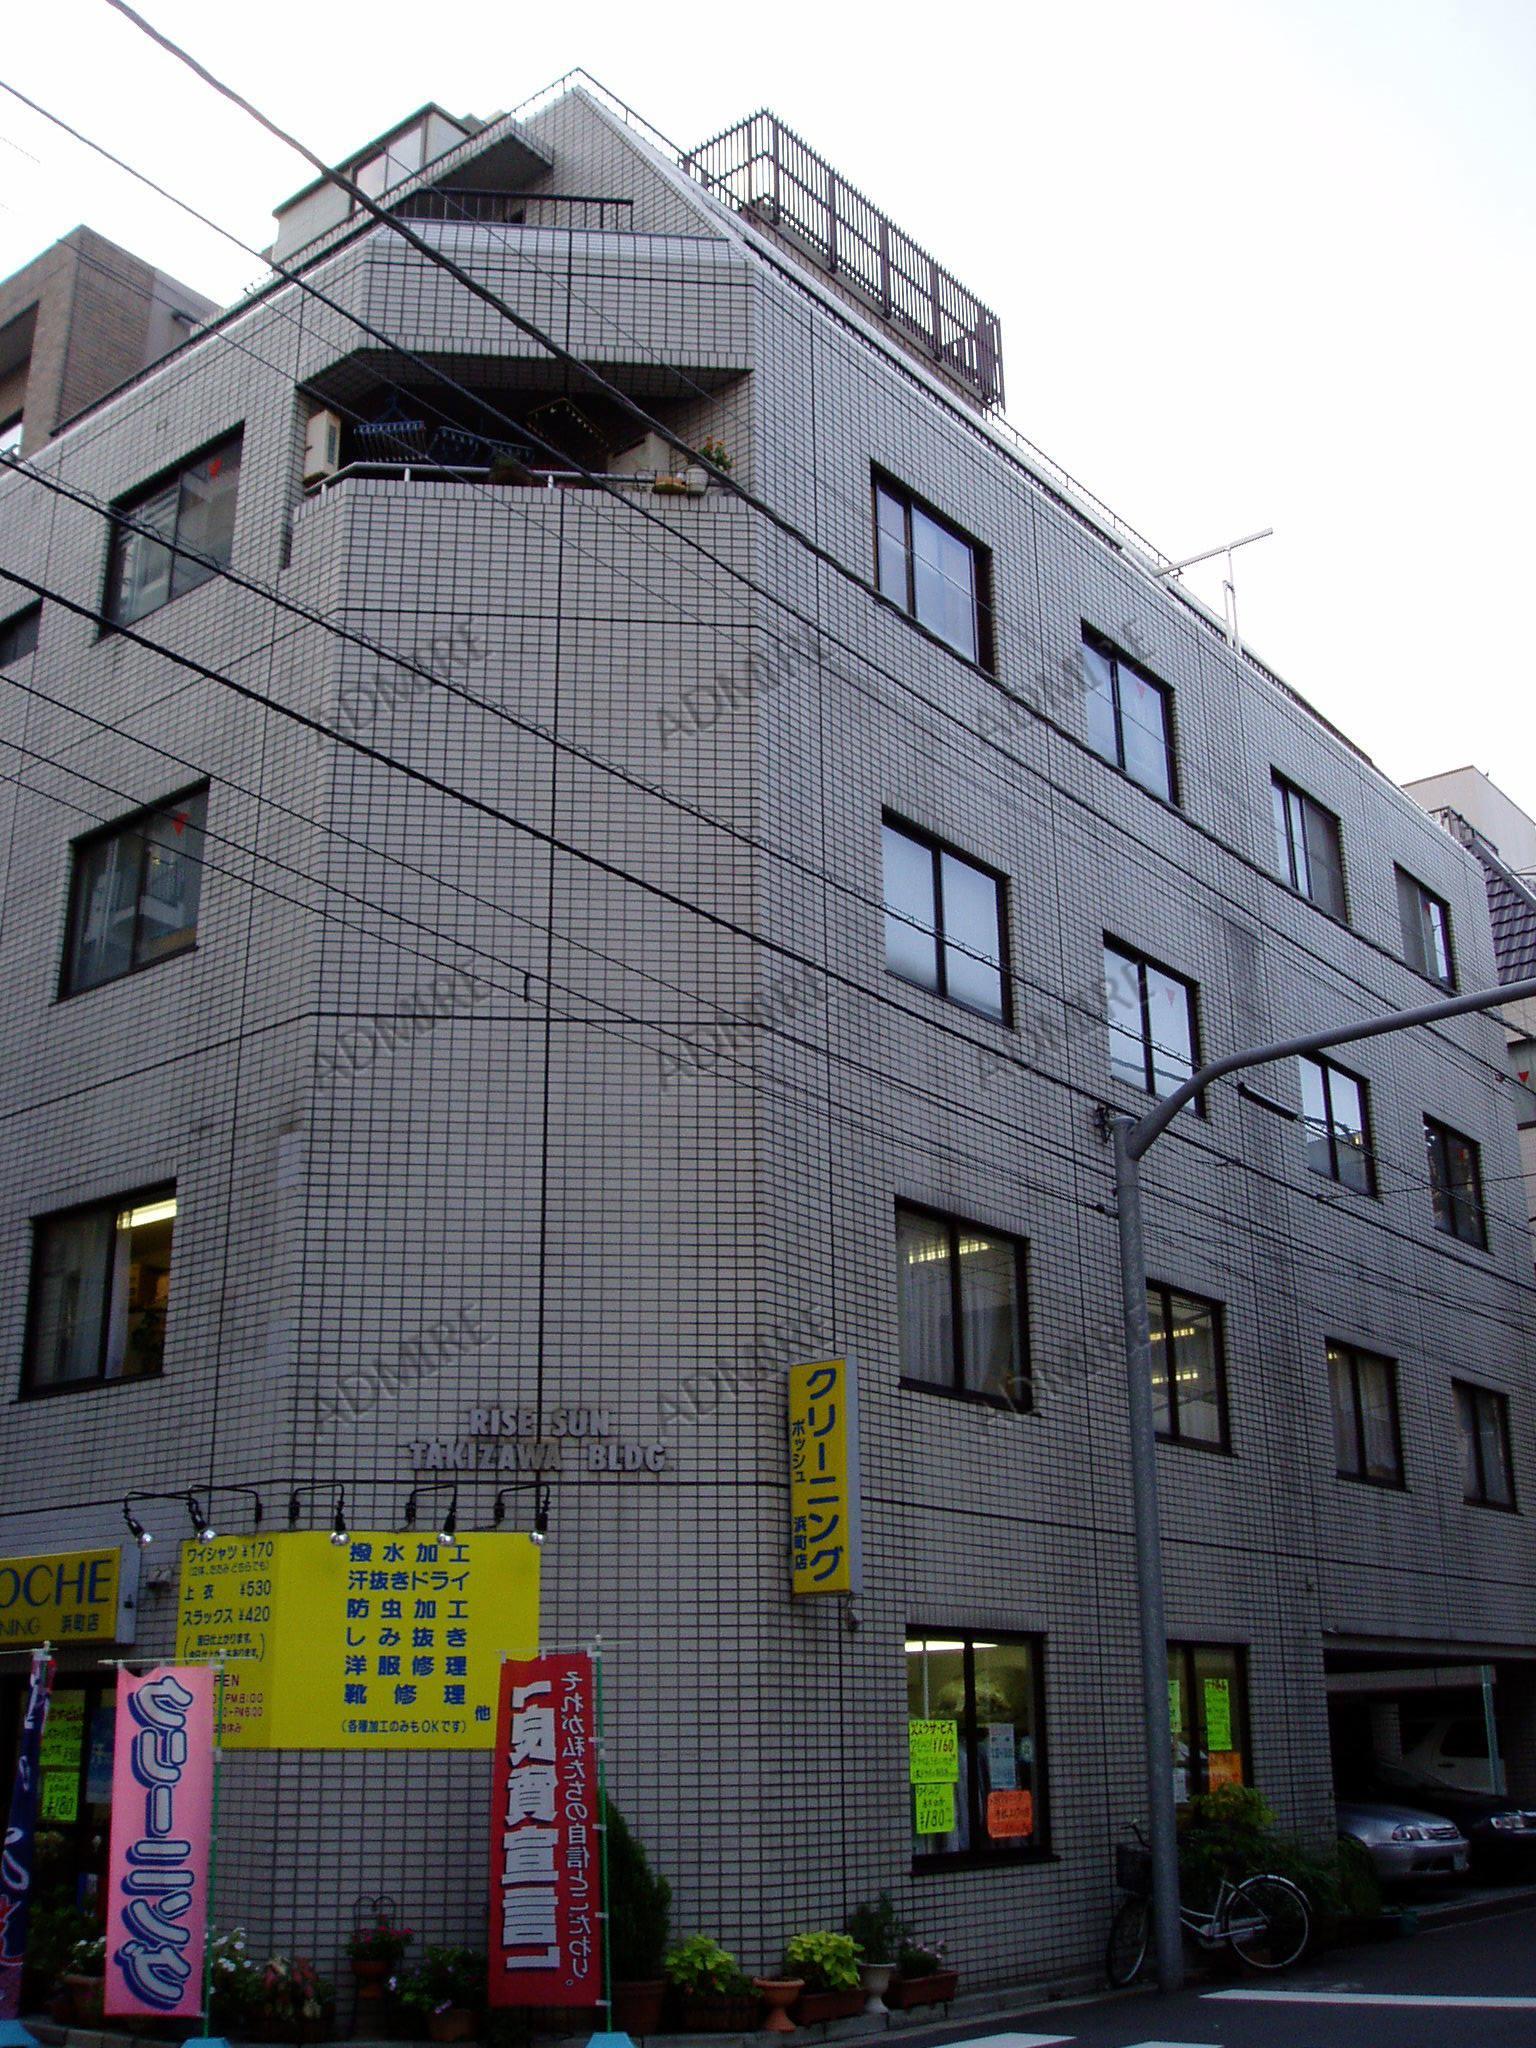 都 幡ヶ谷 2 18 501 東京 渋谷 幡ヶ谷 丁目 区 canadale 4